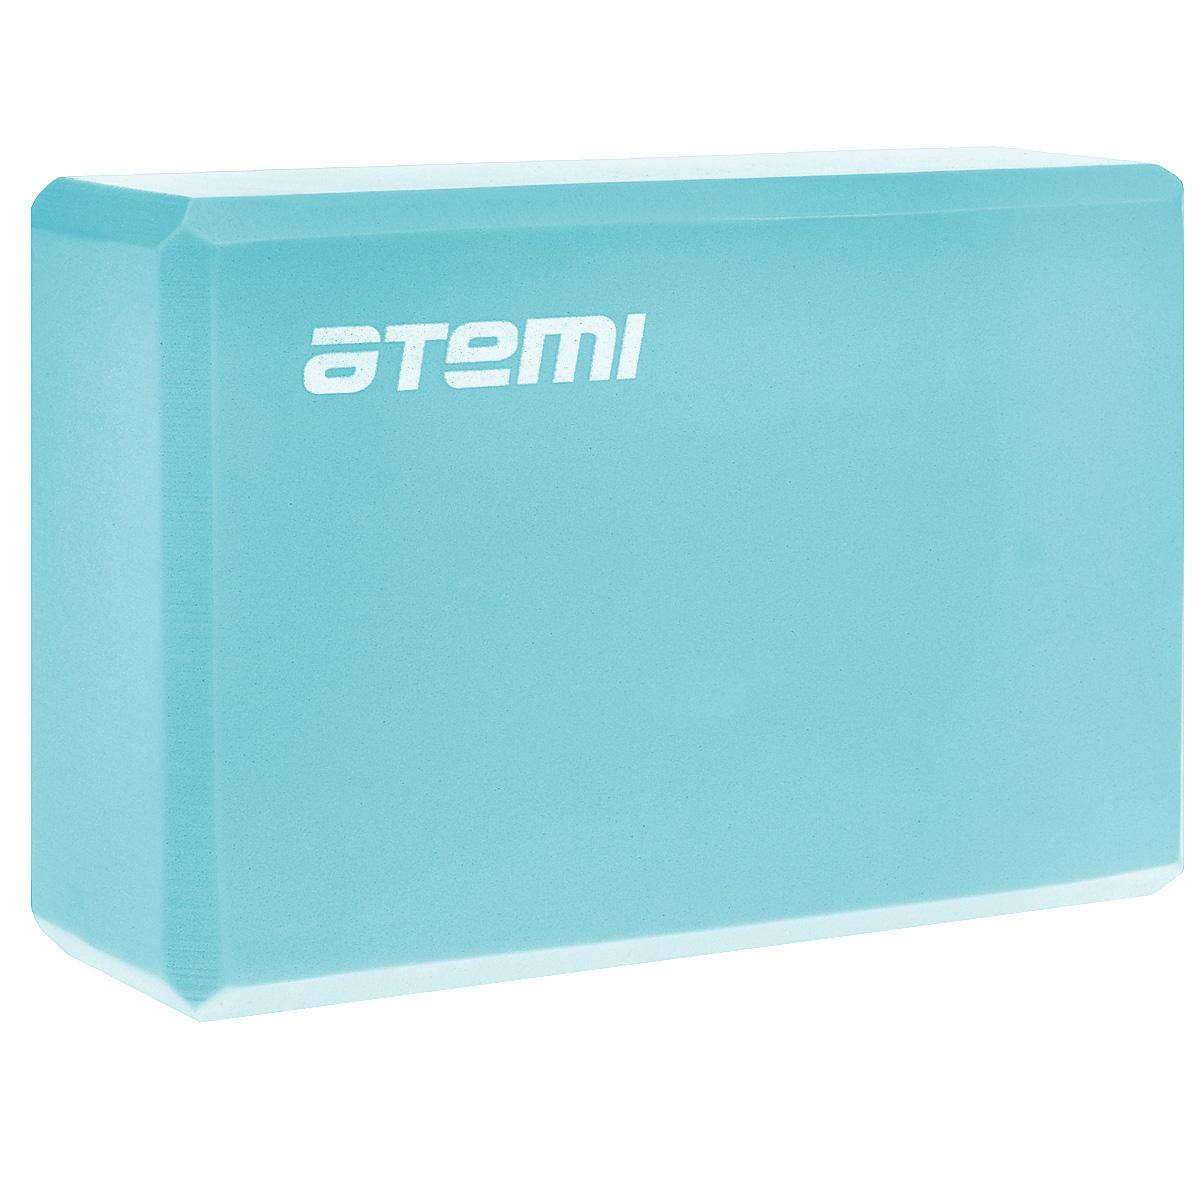 Блок для йоги Atemi, цвет: голубой, 23 х 15 х 8 смAYS-01 pБлок для йоги Atemi рекомендуется как помощник при выполнении более сложных упражнений, требующих максимальной гибкости и сноровки. При использовании блока быстрее, постепенно и безболезненно достигается гибкость. Укрепляет и разрабатывает мышцы запястья.